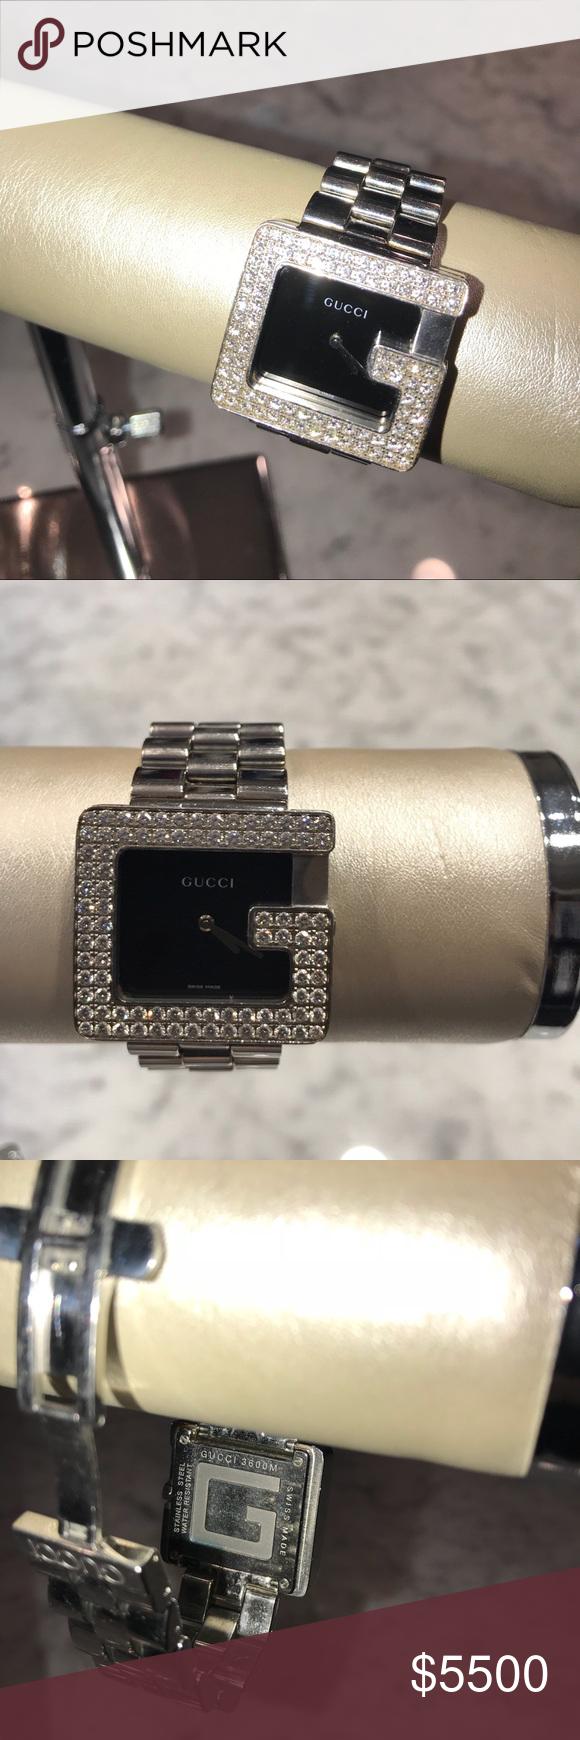 deec05b8358 Gucci Diamond Bezel G Watch Men s Gucci 3600M Series Diamond Bezel G Watch.  Made of Stainless Steel with Swiss Made Battery Quartz Movement